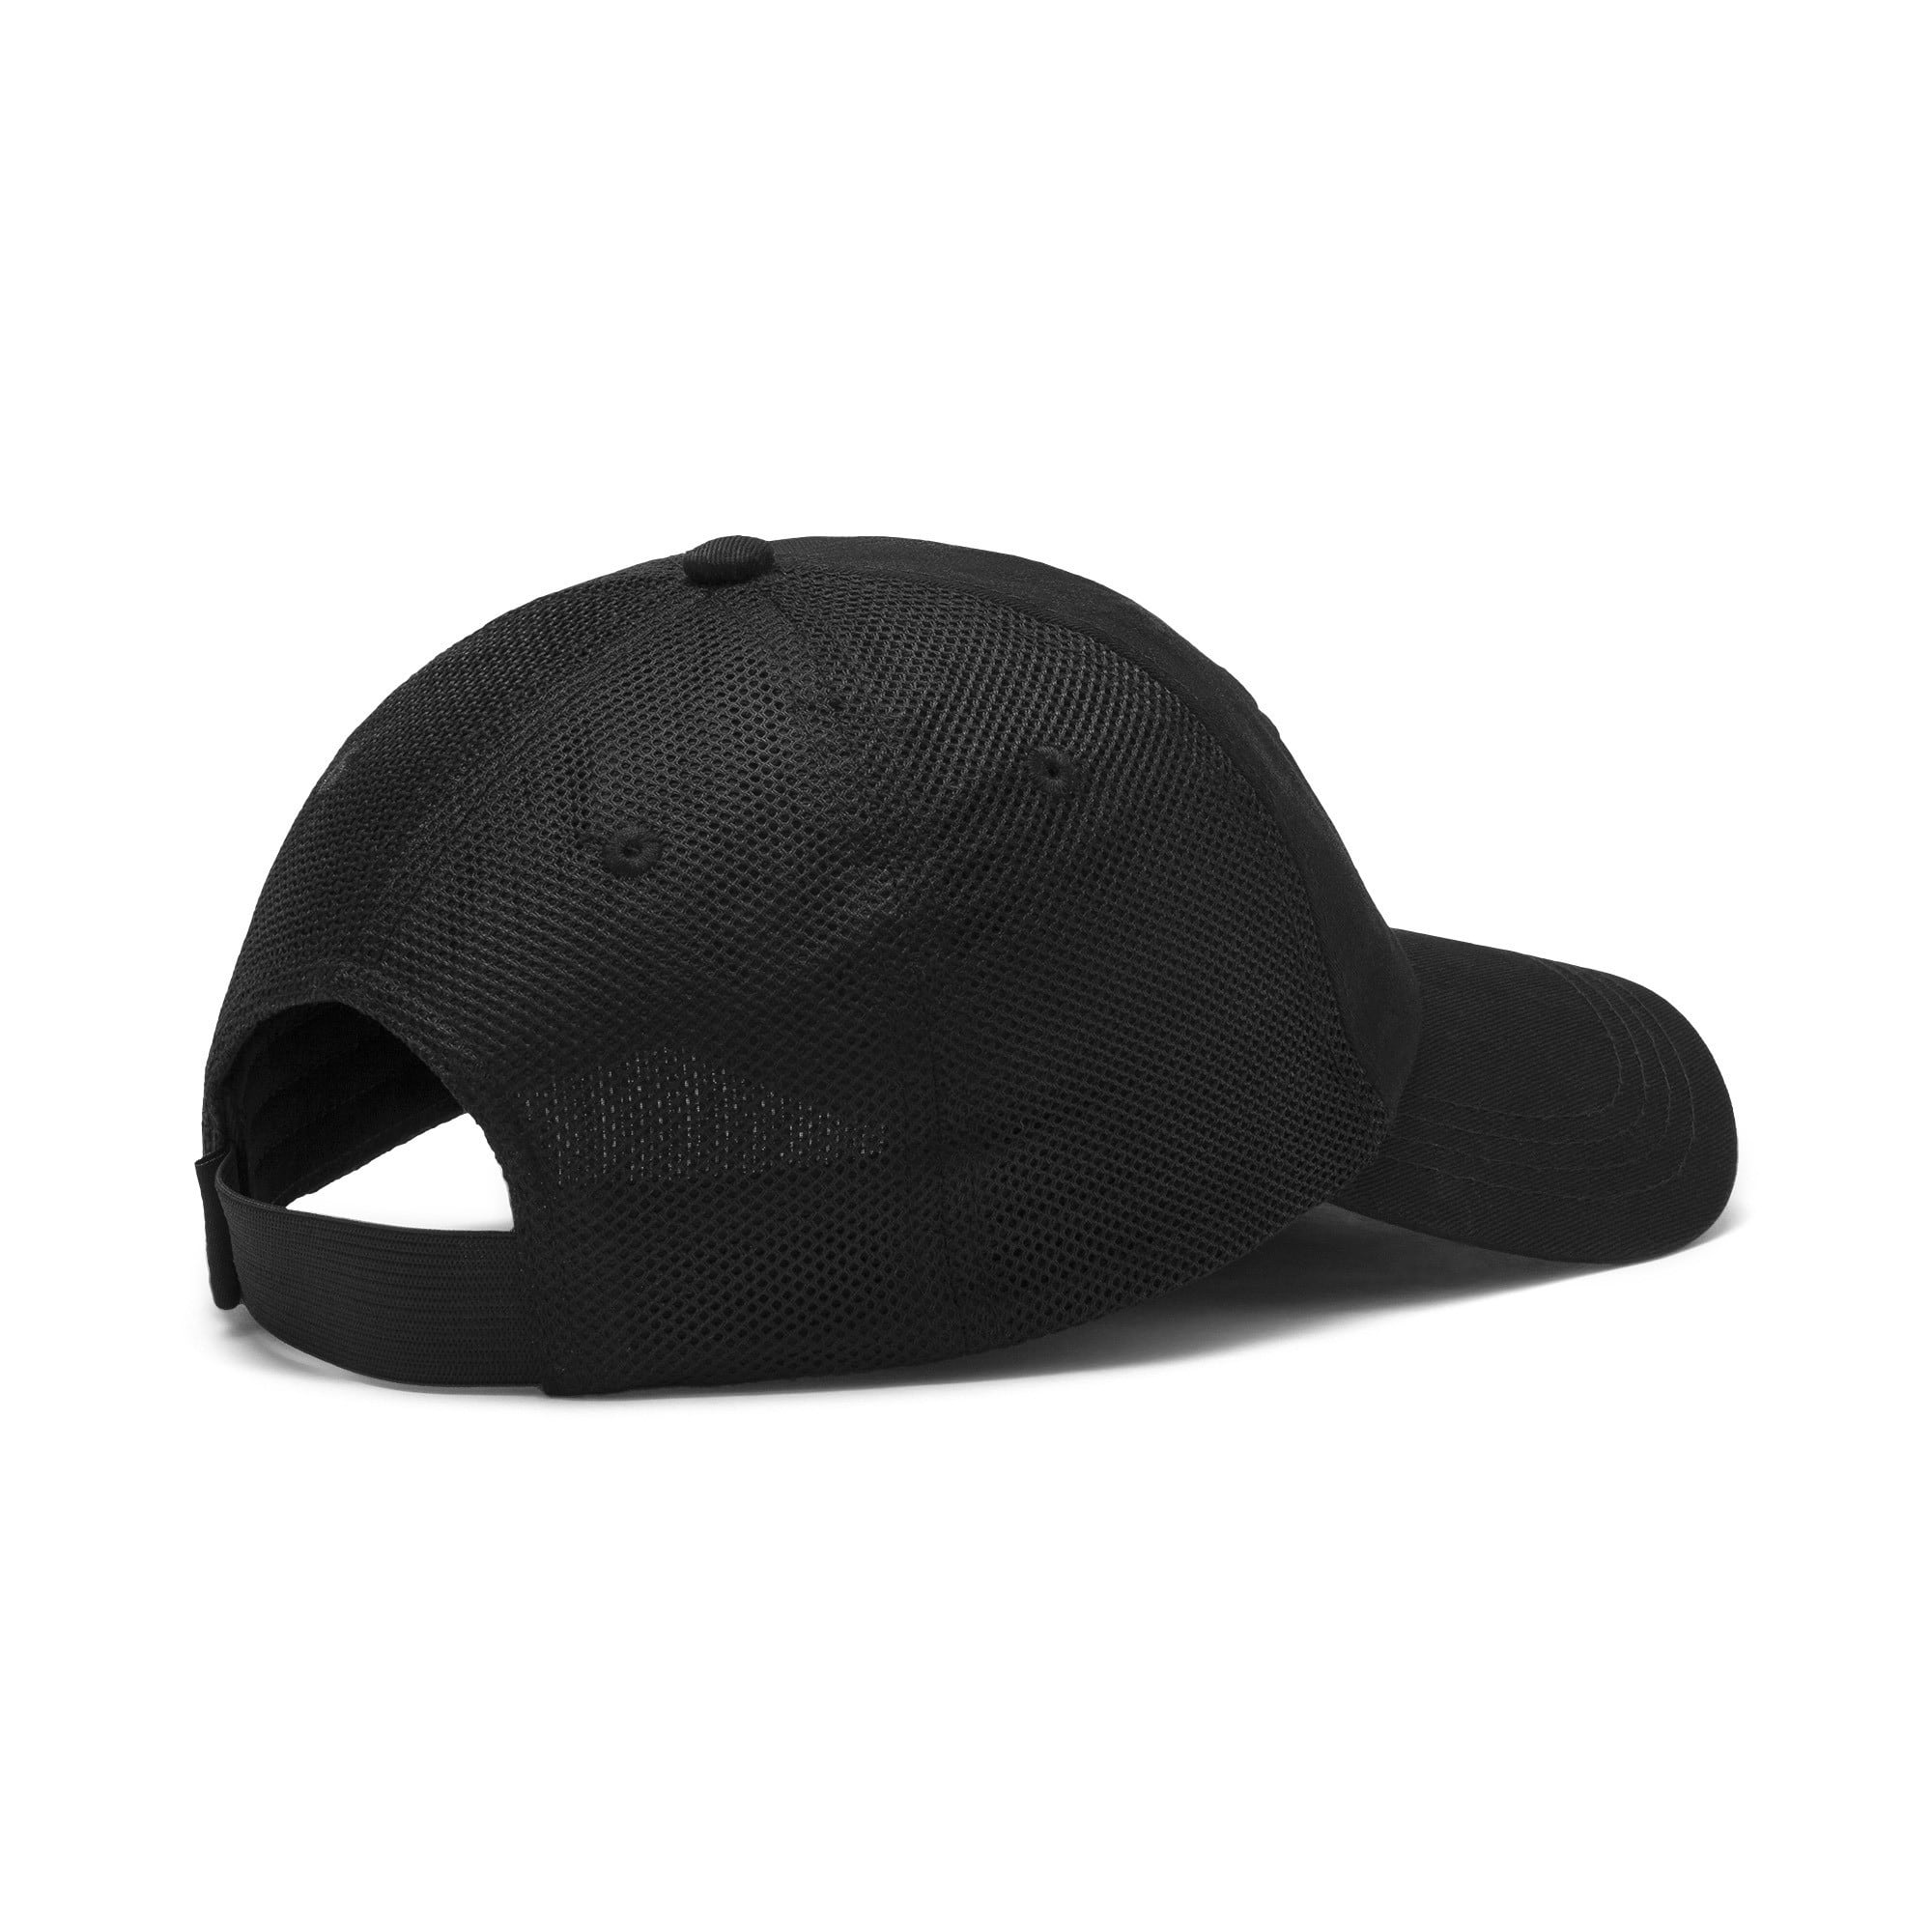 Thumbnail 3 of ftblNXT Cap, Puma Black-Phantom Black, medium